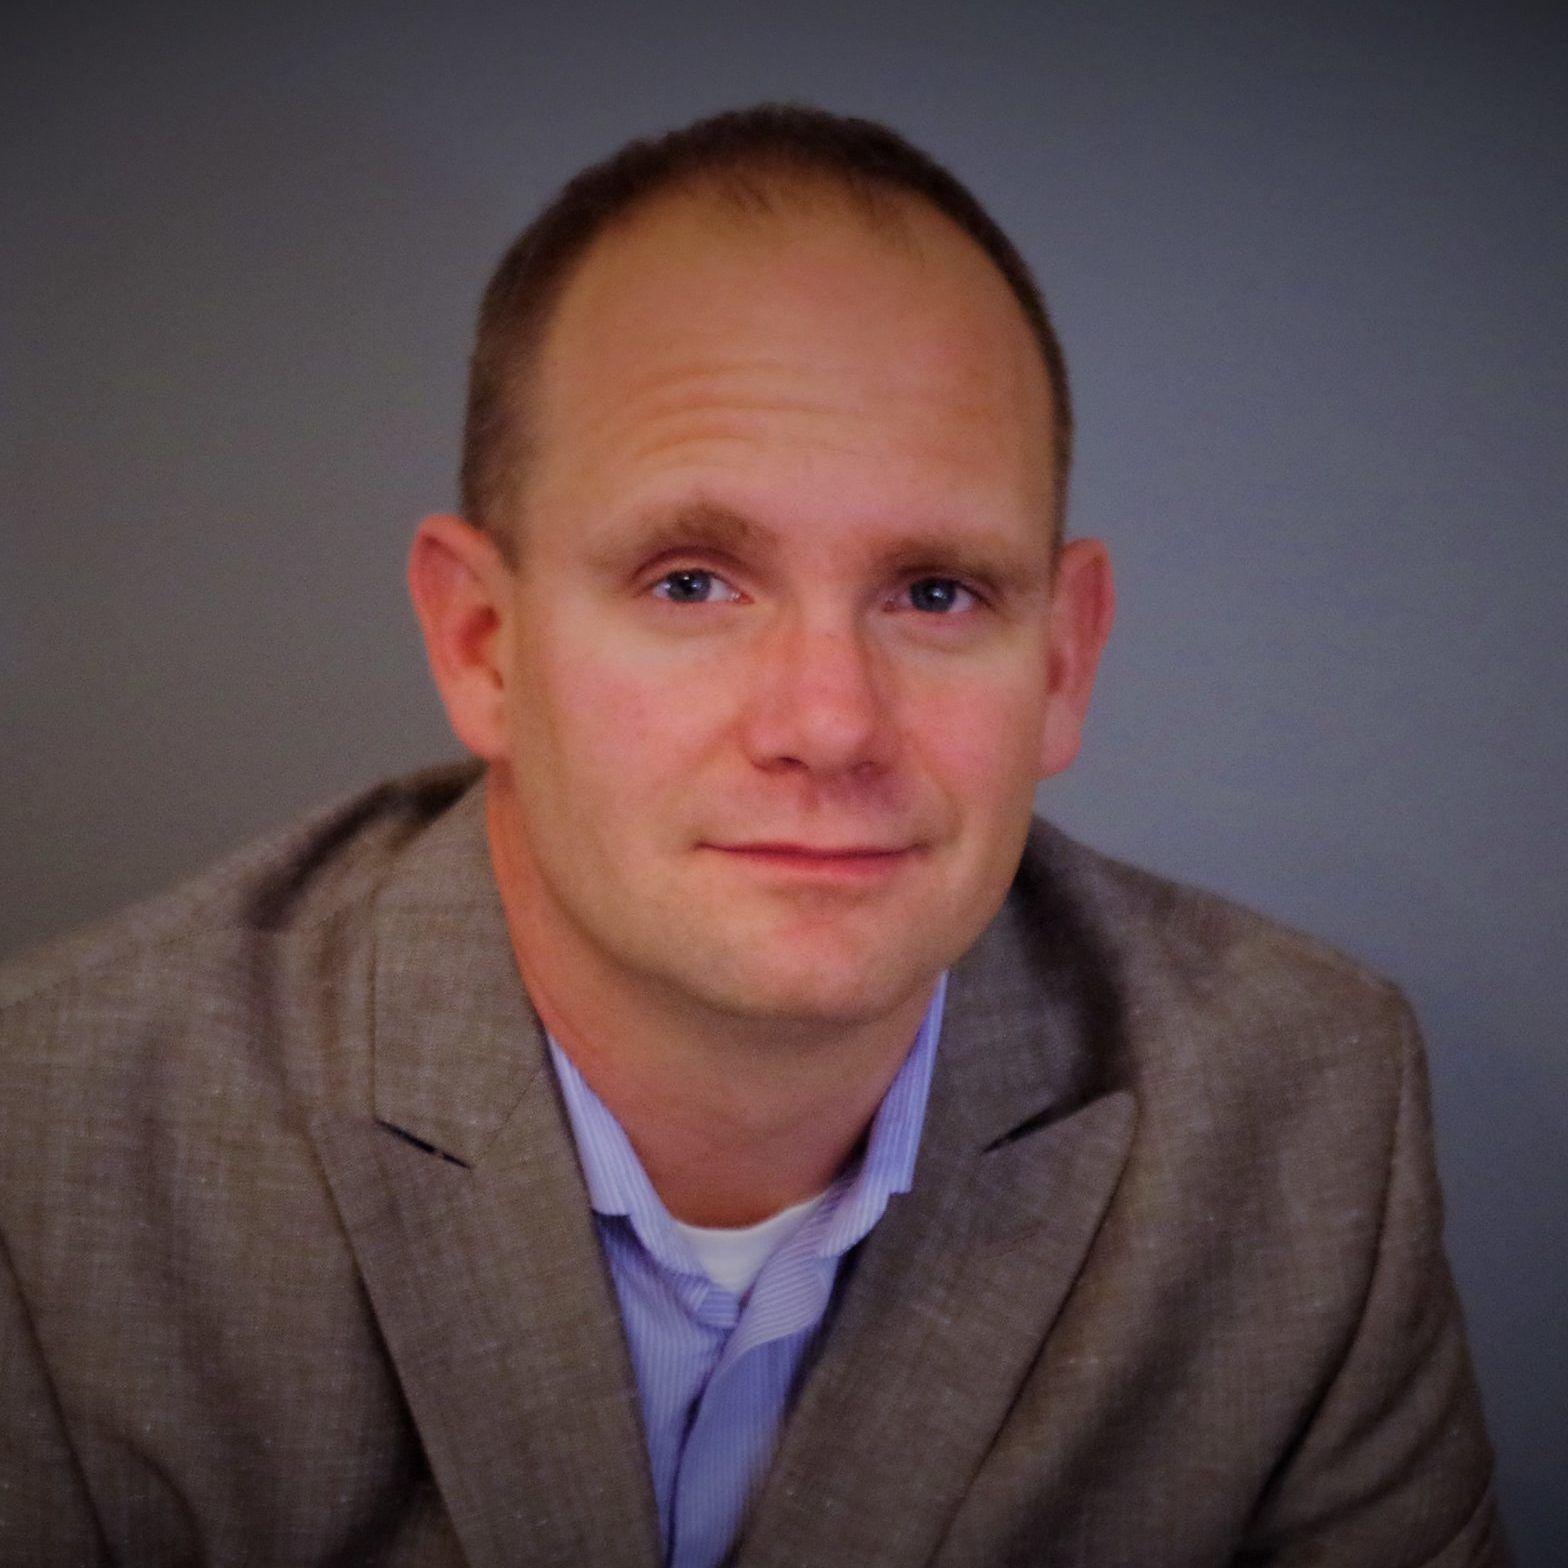 Jason Kirton